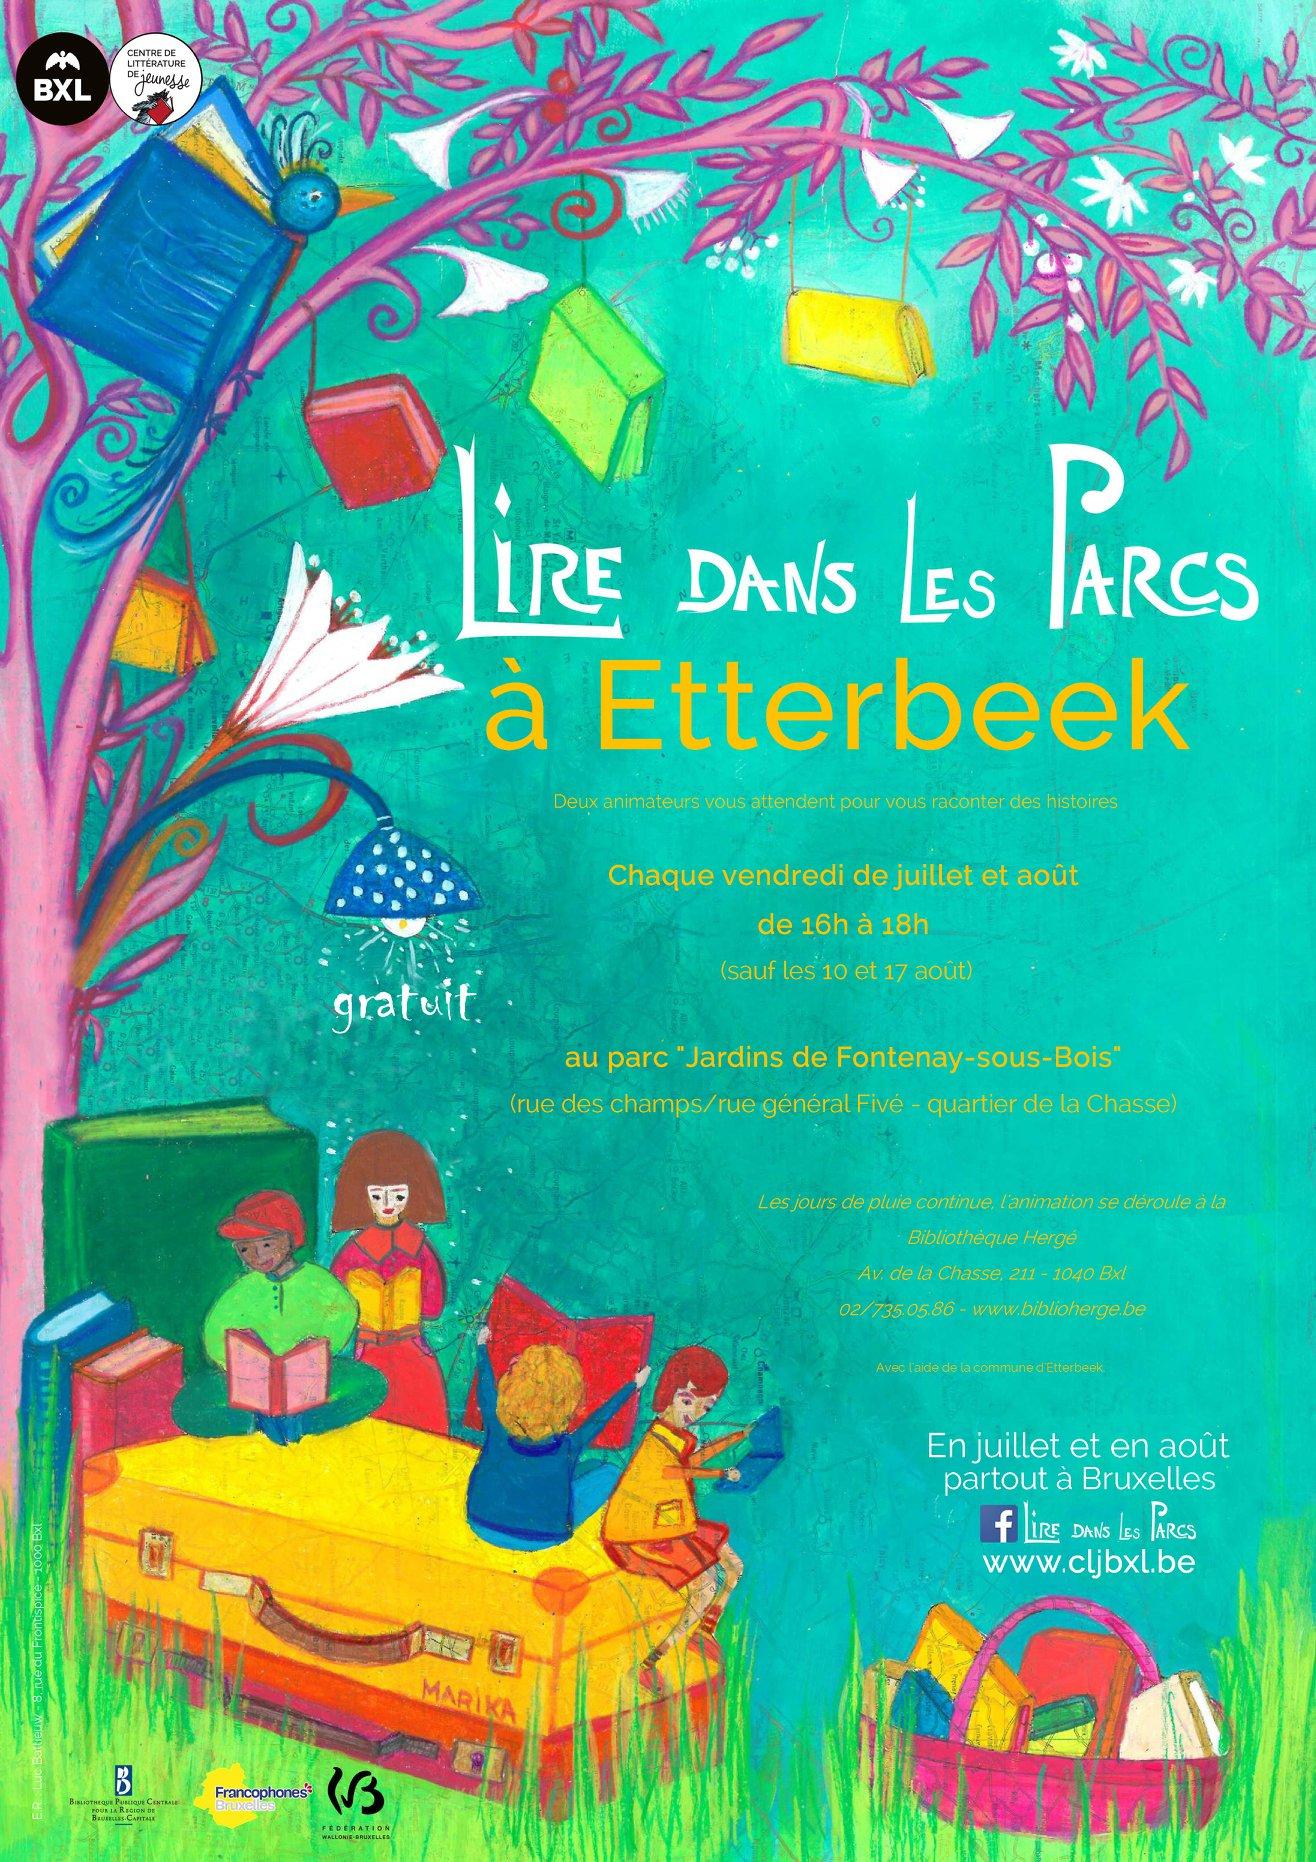 Bibliothèque De Fontenay Sous Bois bibliothèque communale hergé » blog archive » lire dans les